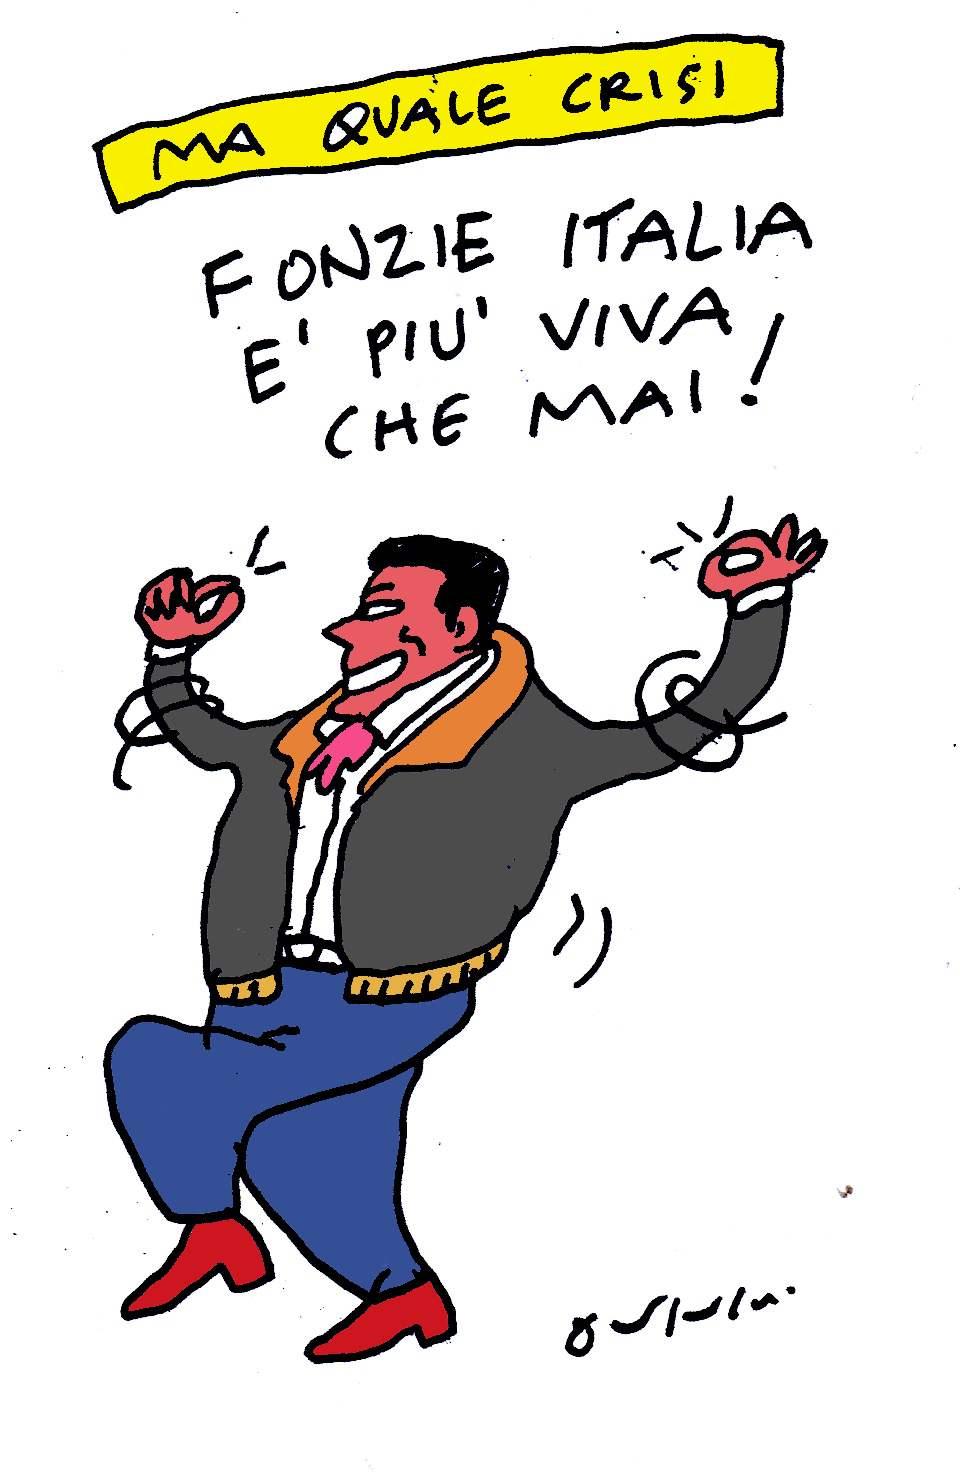 fonzie italia 2'0KDD